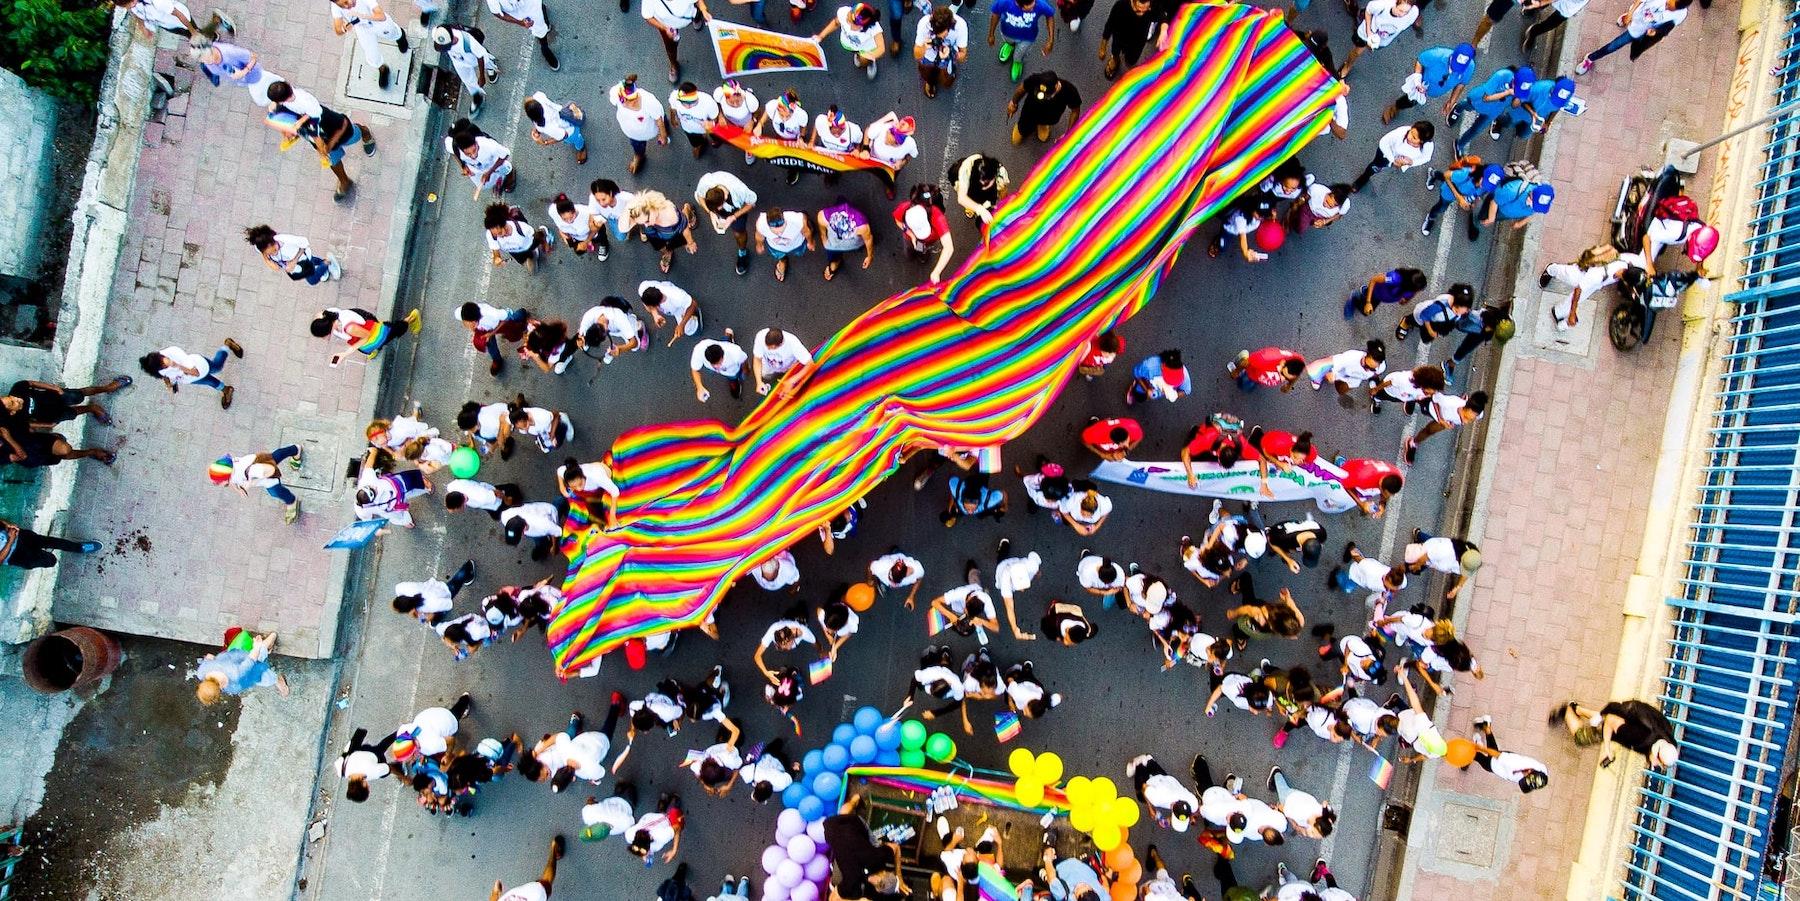 LGBTIQ+ Crowd